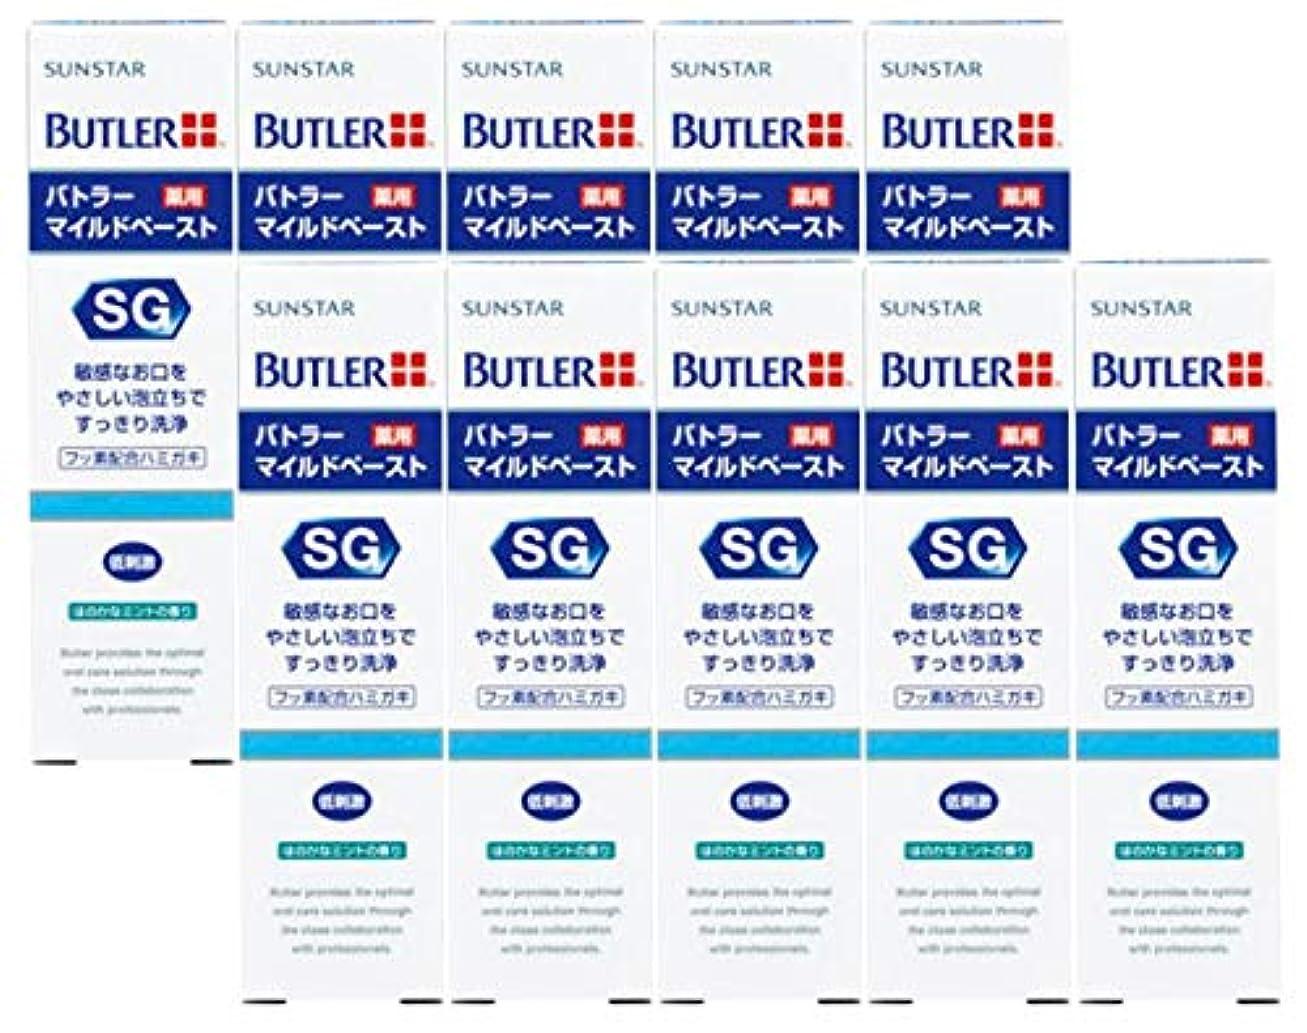 シェトランド諸島ロンドン湿原サンスター(SUNSTAR) バトラー(BUTLER) マイルドペースト 25g × 10本 医薬部外品